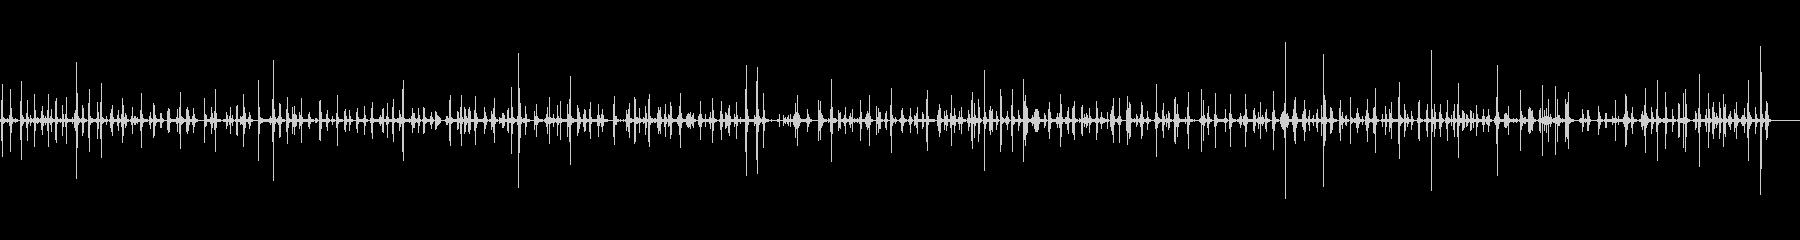 長いエントリのキー、オフィスコンピ...の未再生の波形